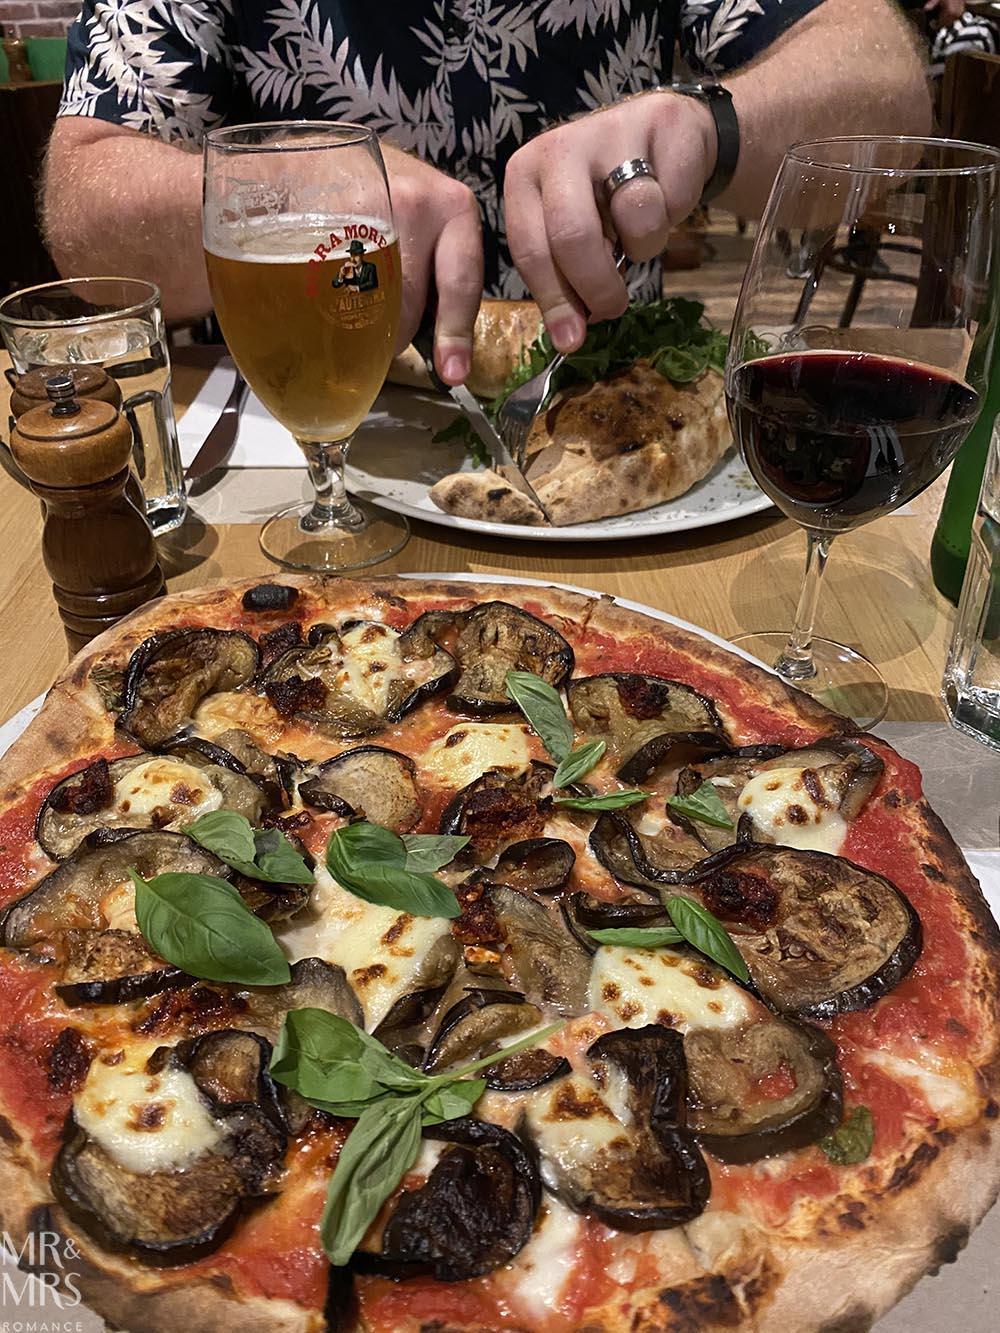 Post cinema pizzas